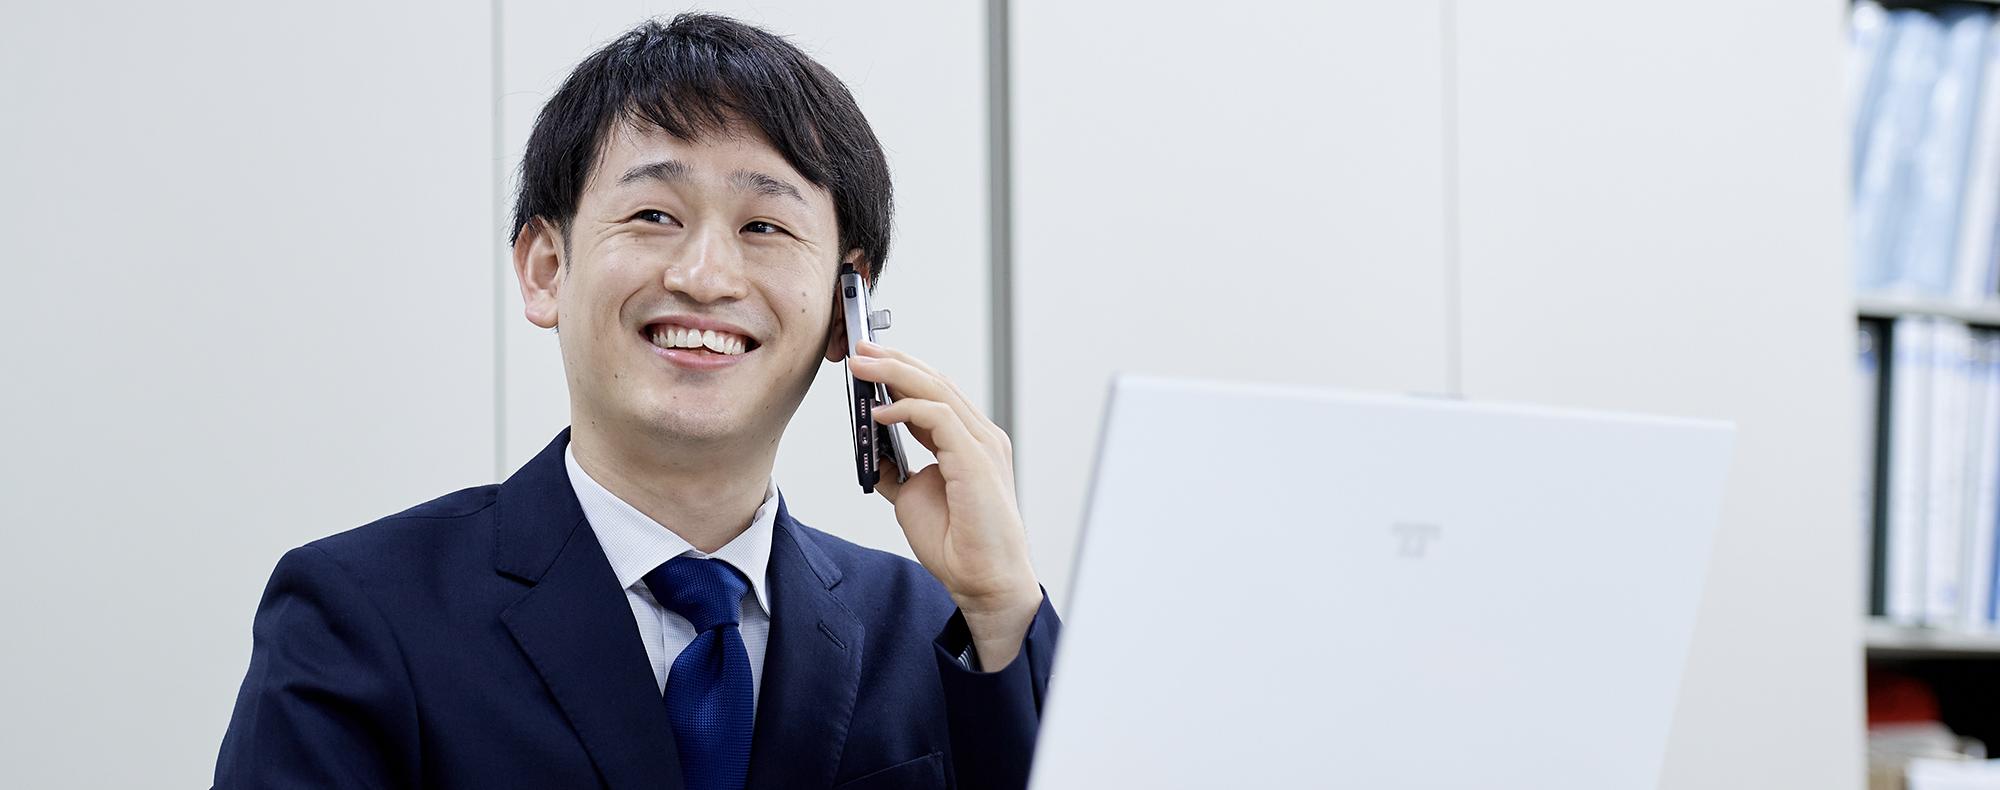 吉村 優作 税理士 2014年入所